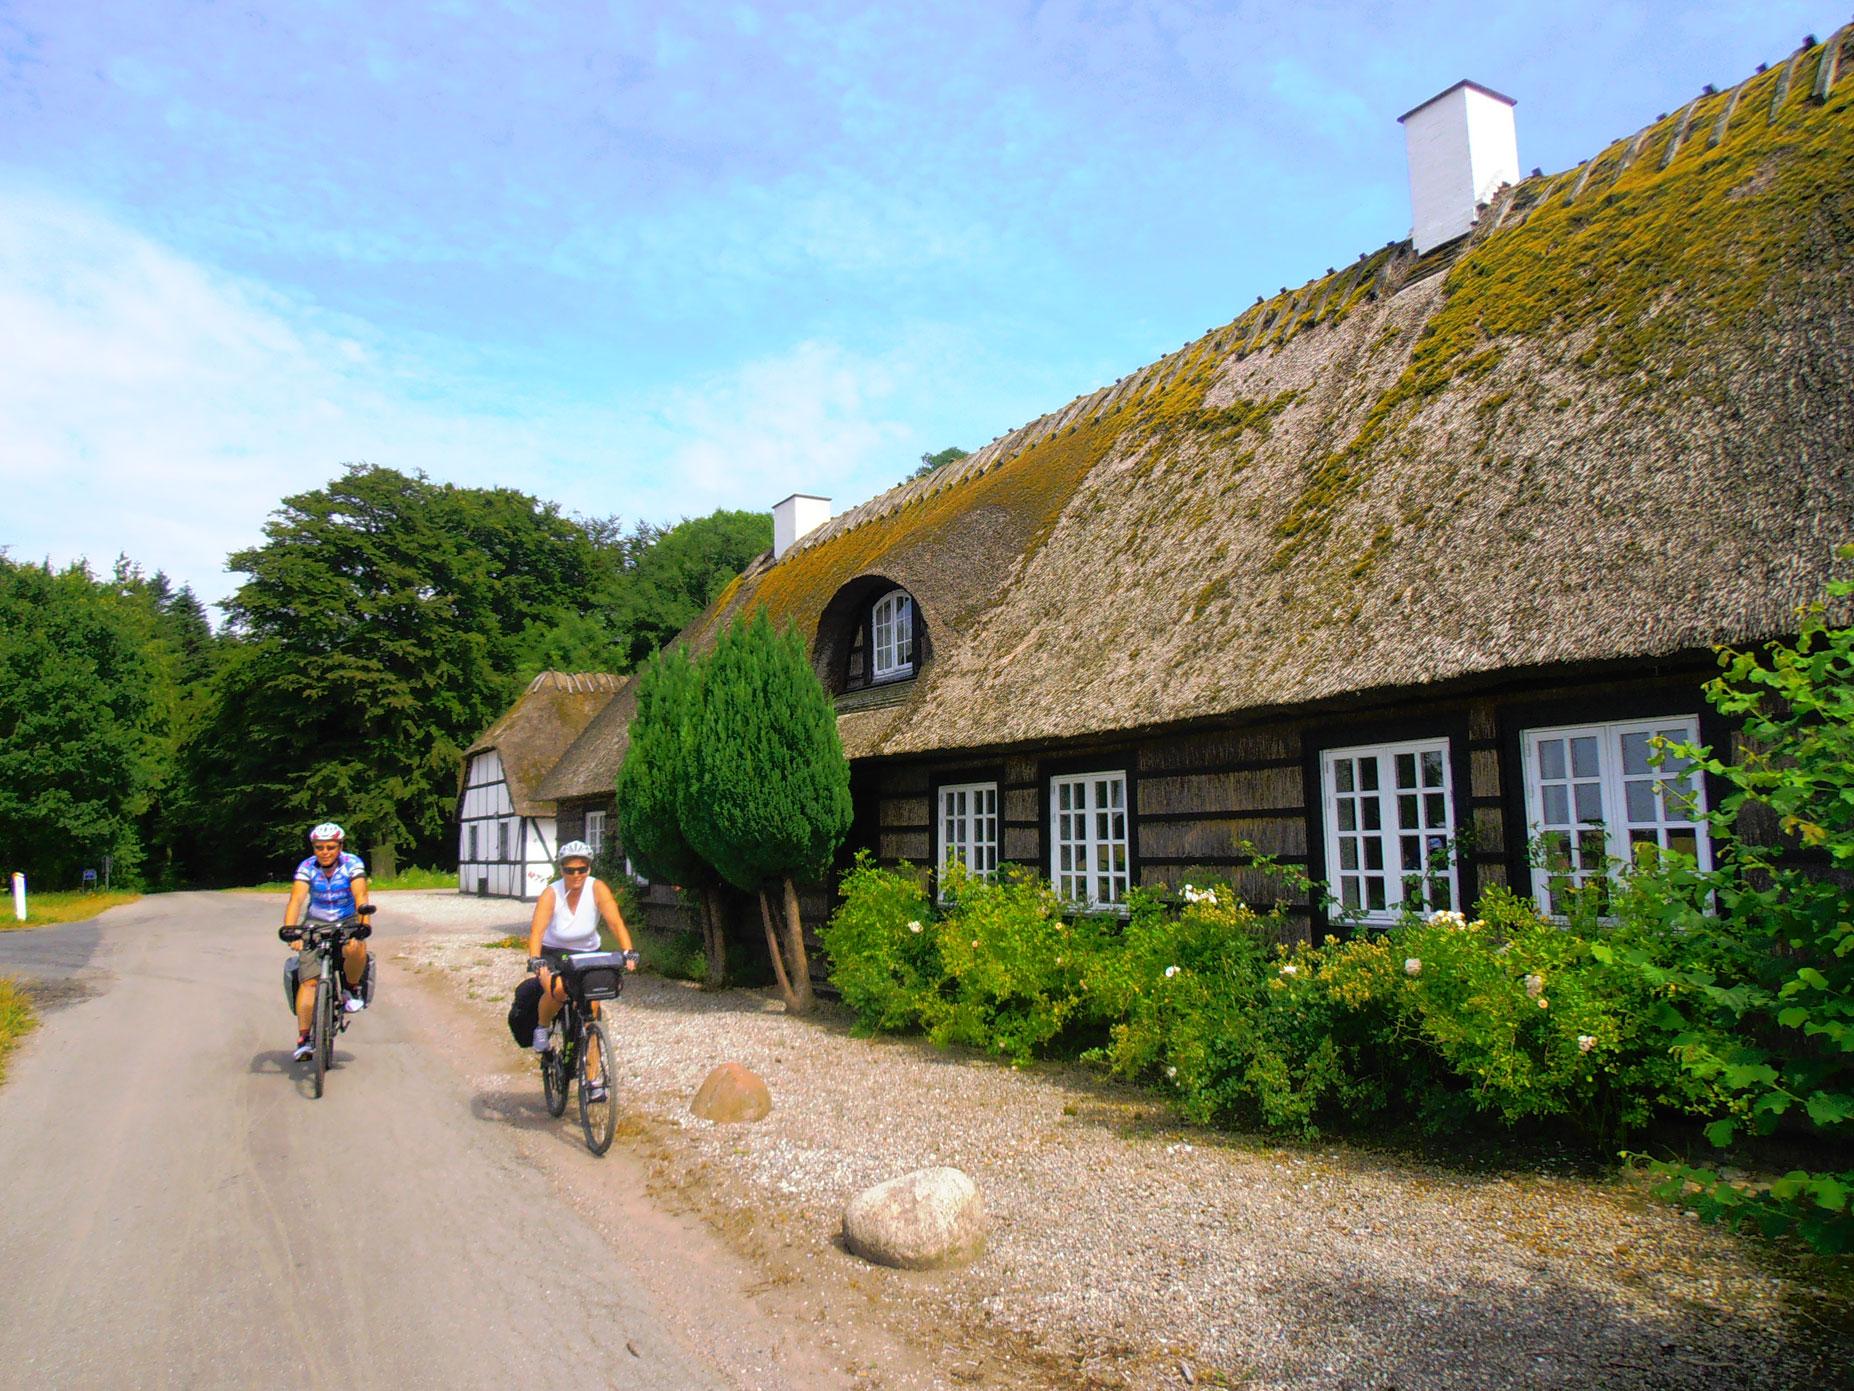 Donne in bicicletta in strada vicino a una casa